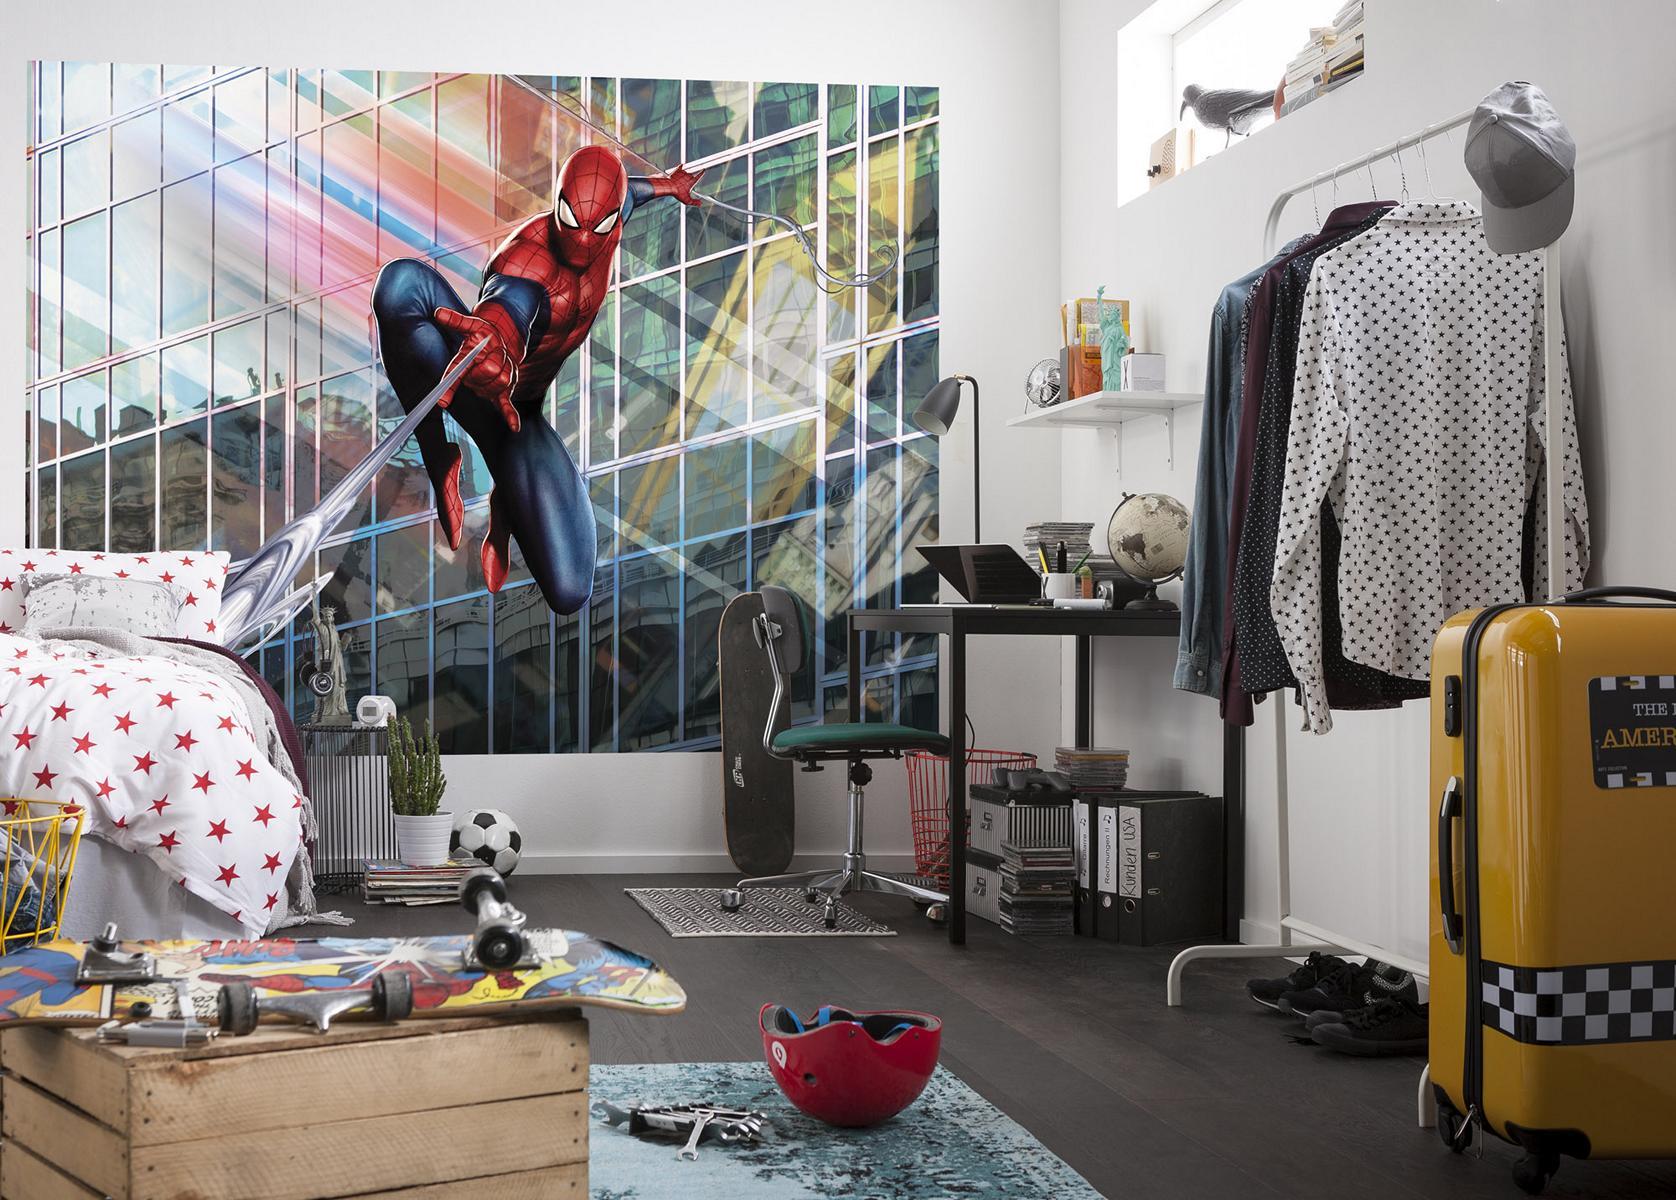 Fototapeten für lebendige Kinderzimmer – CleanKids Magazin